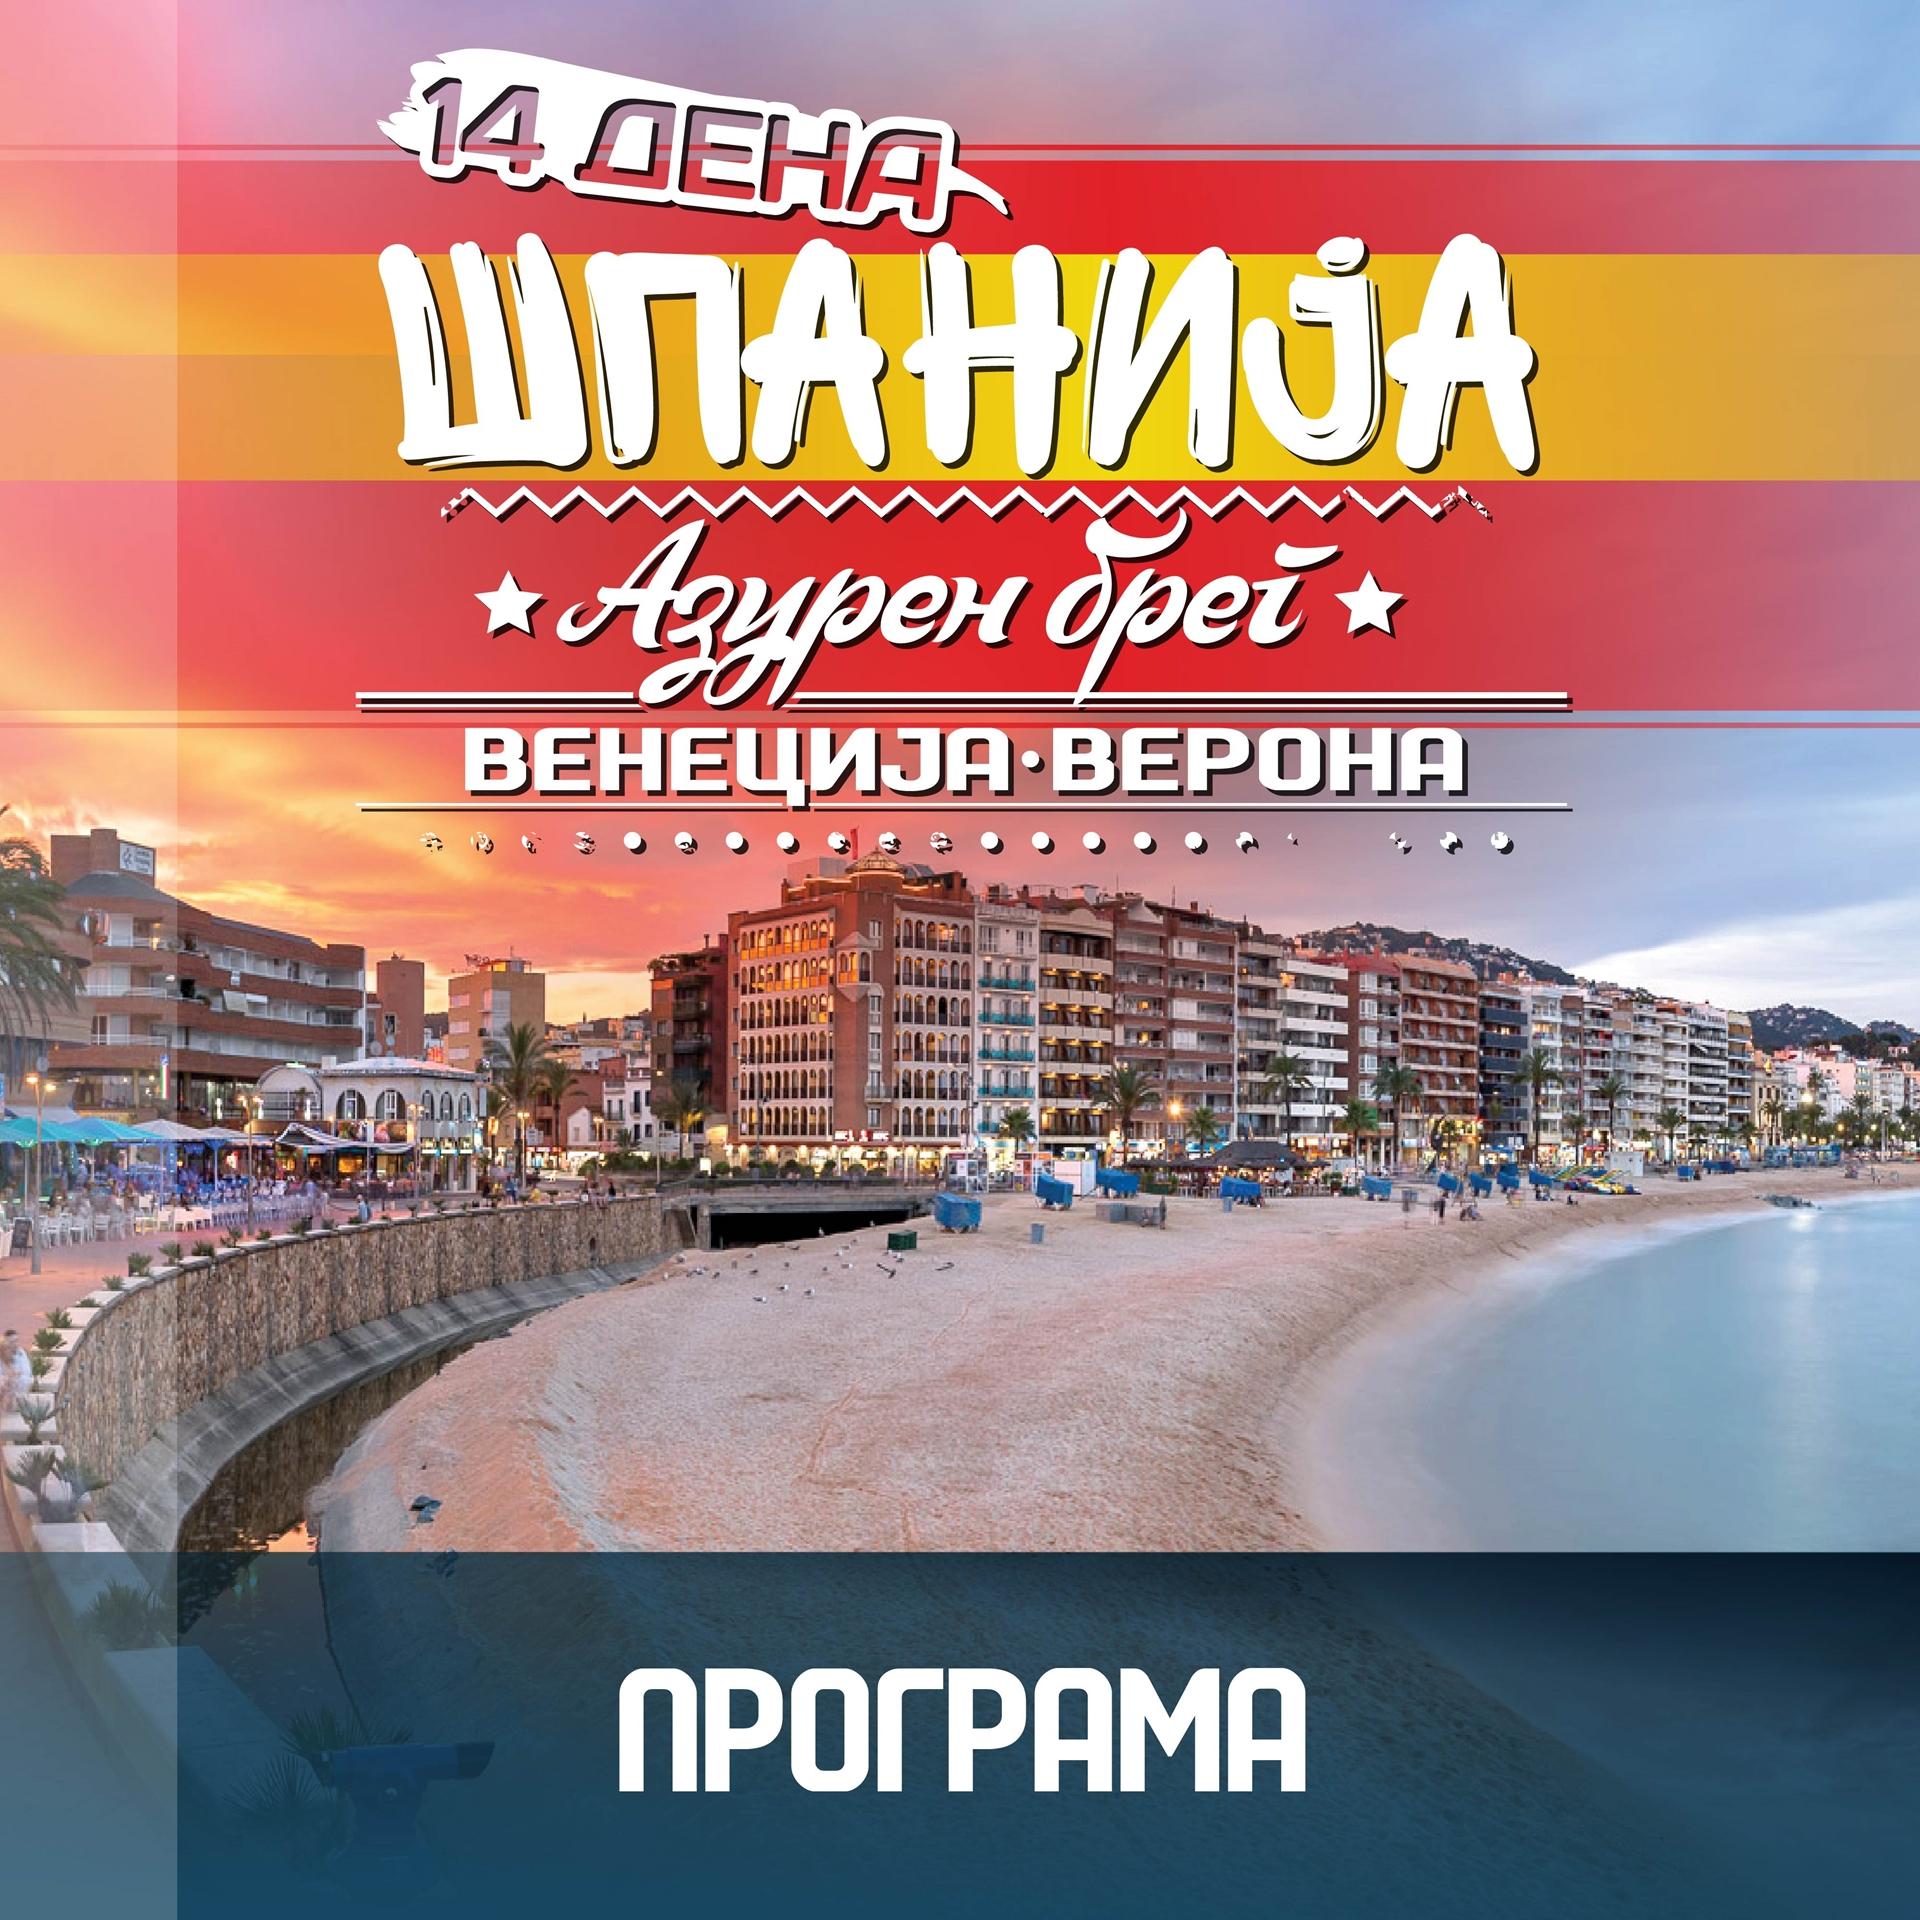 Лето Шпанија 2018 14 дена